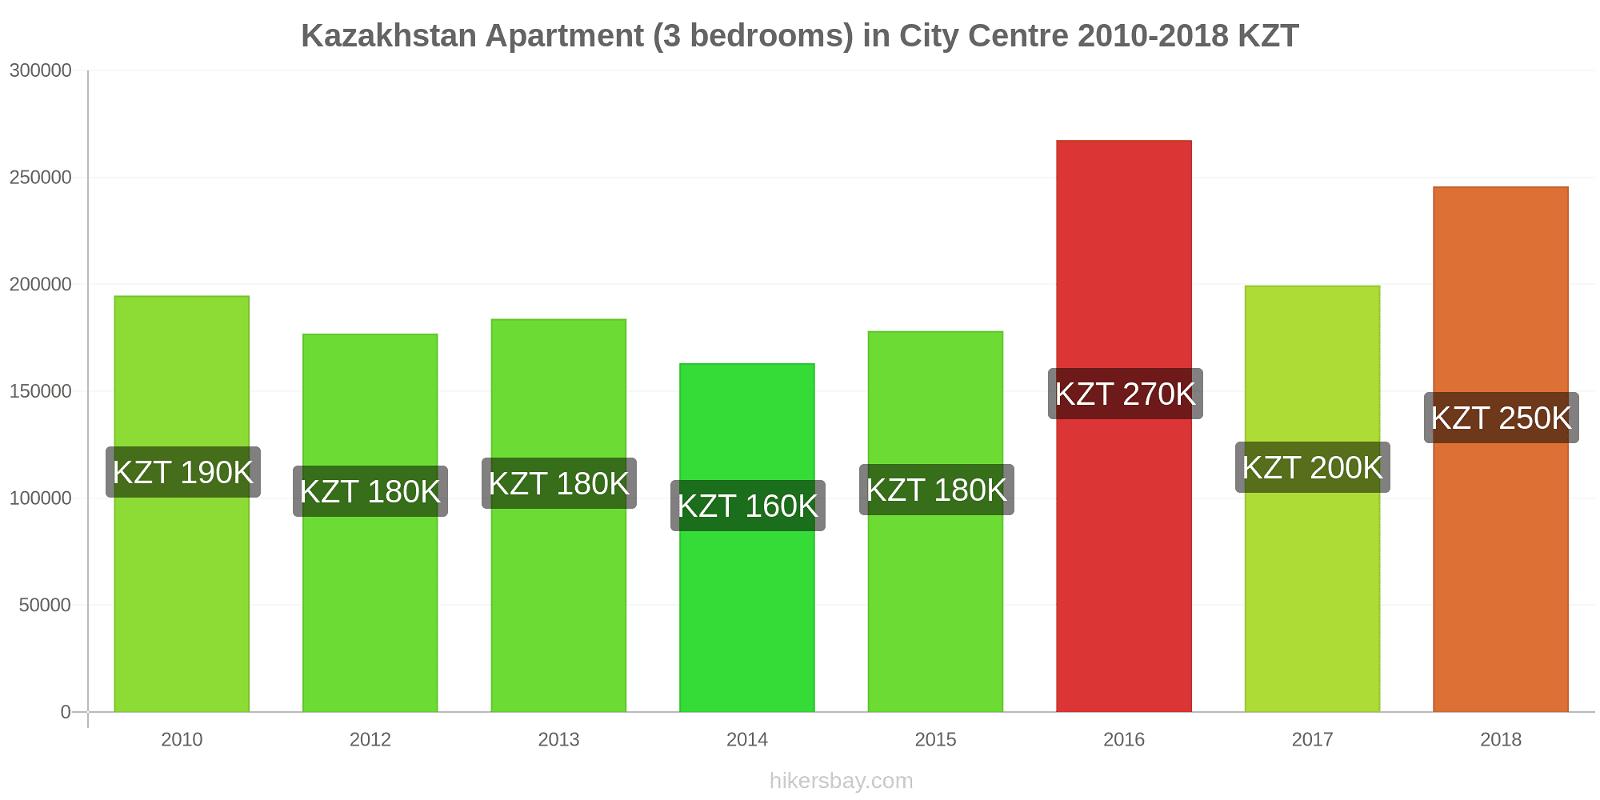 Kazakhstan price changes Apartment (3 bedrooms) in City Centre hikersbay.com